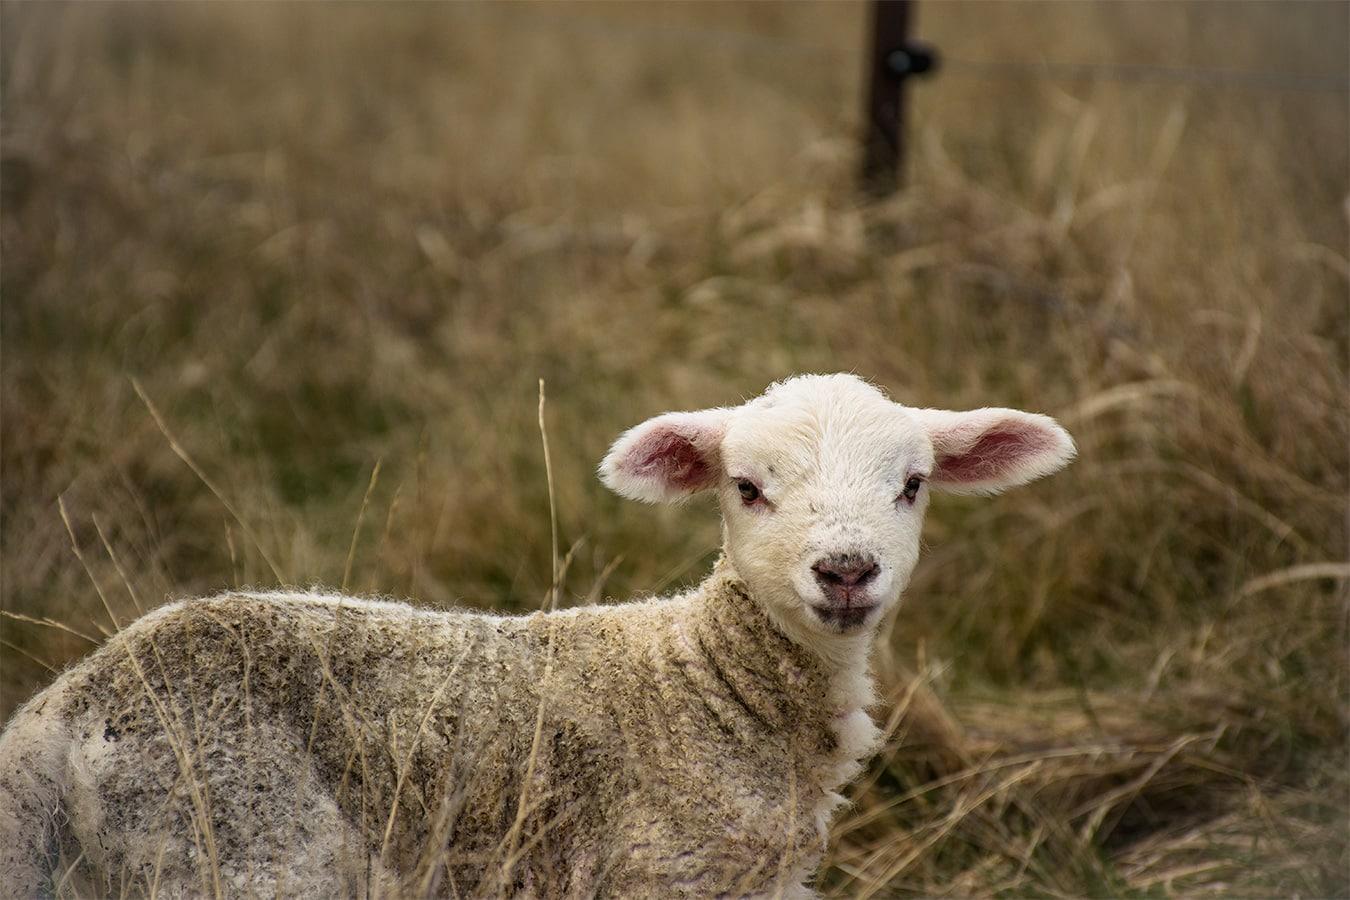 Animaux de Nouvelle-Zélande : les moutons et agneaux